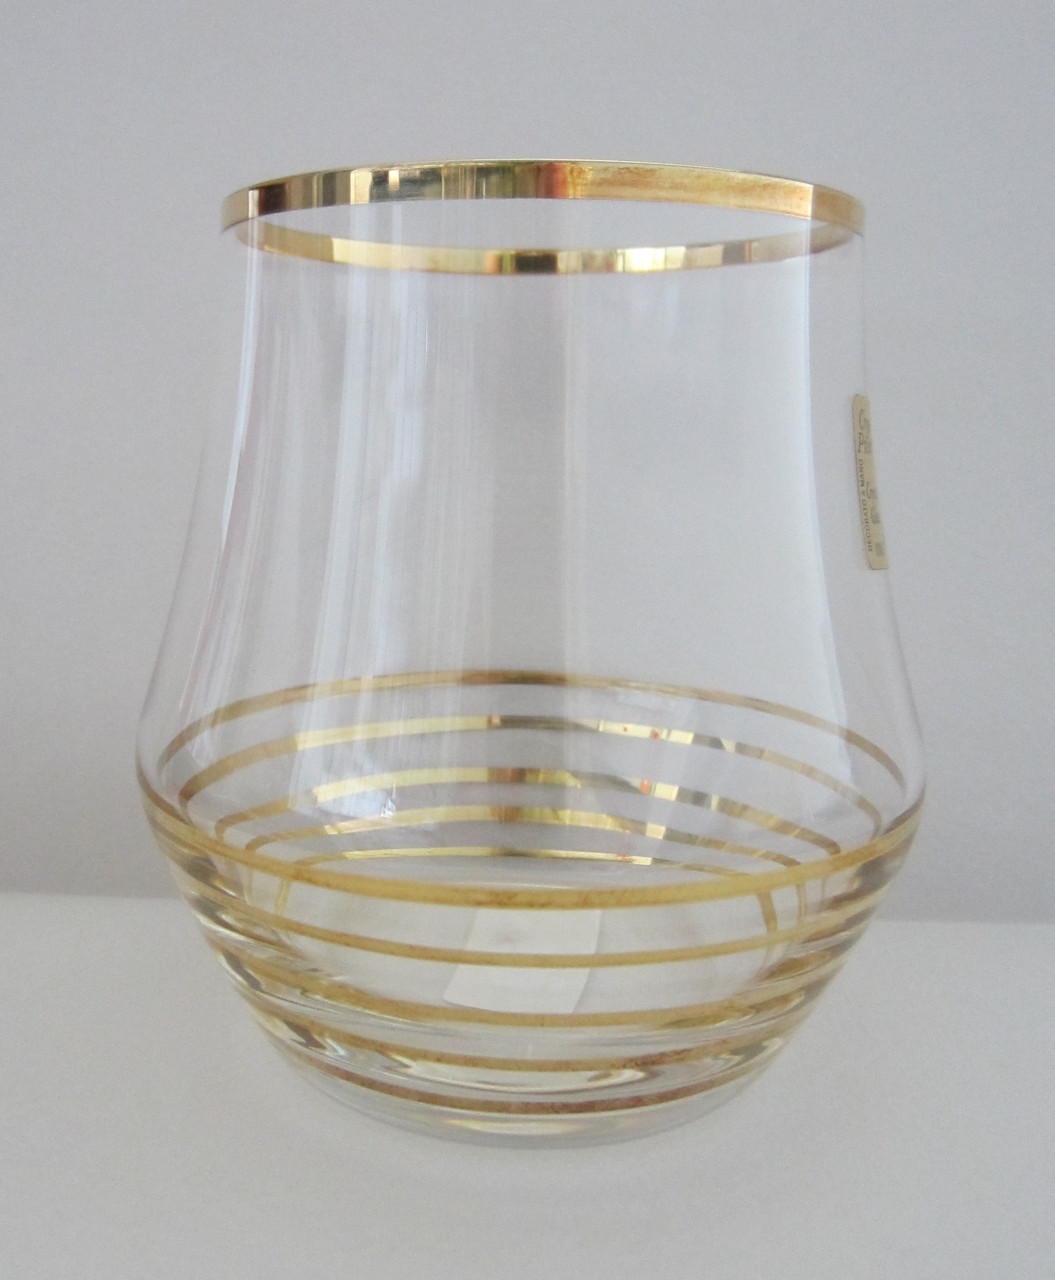 Набор стаканов для виски Alter с золотом